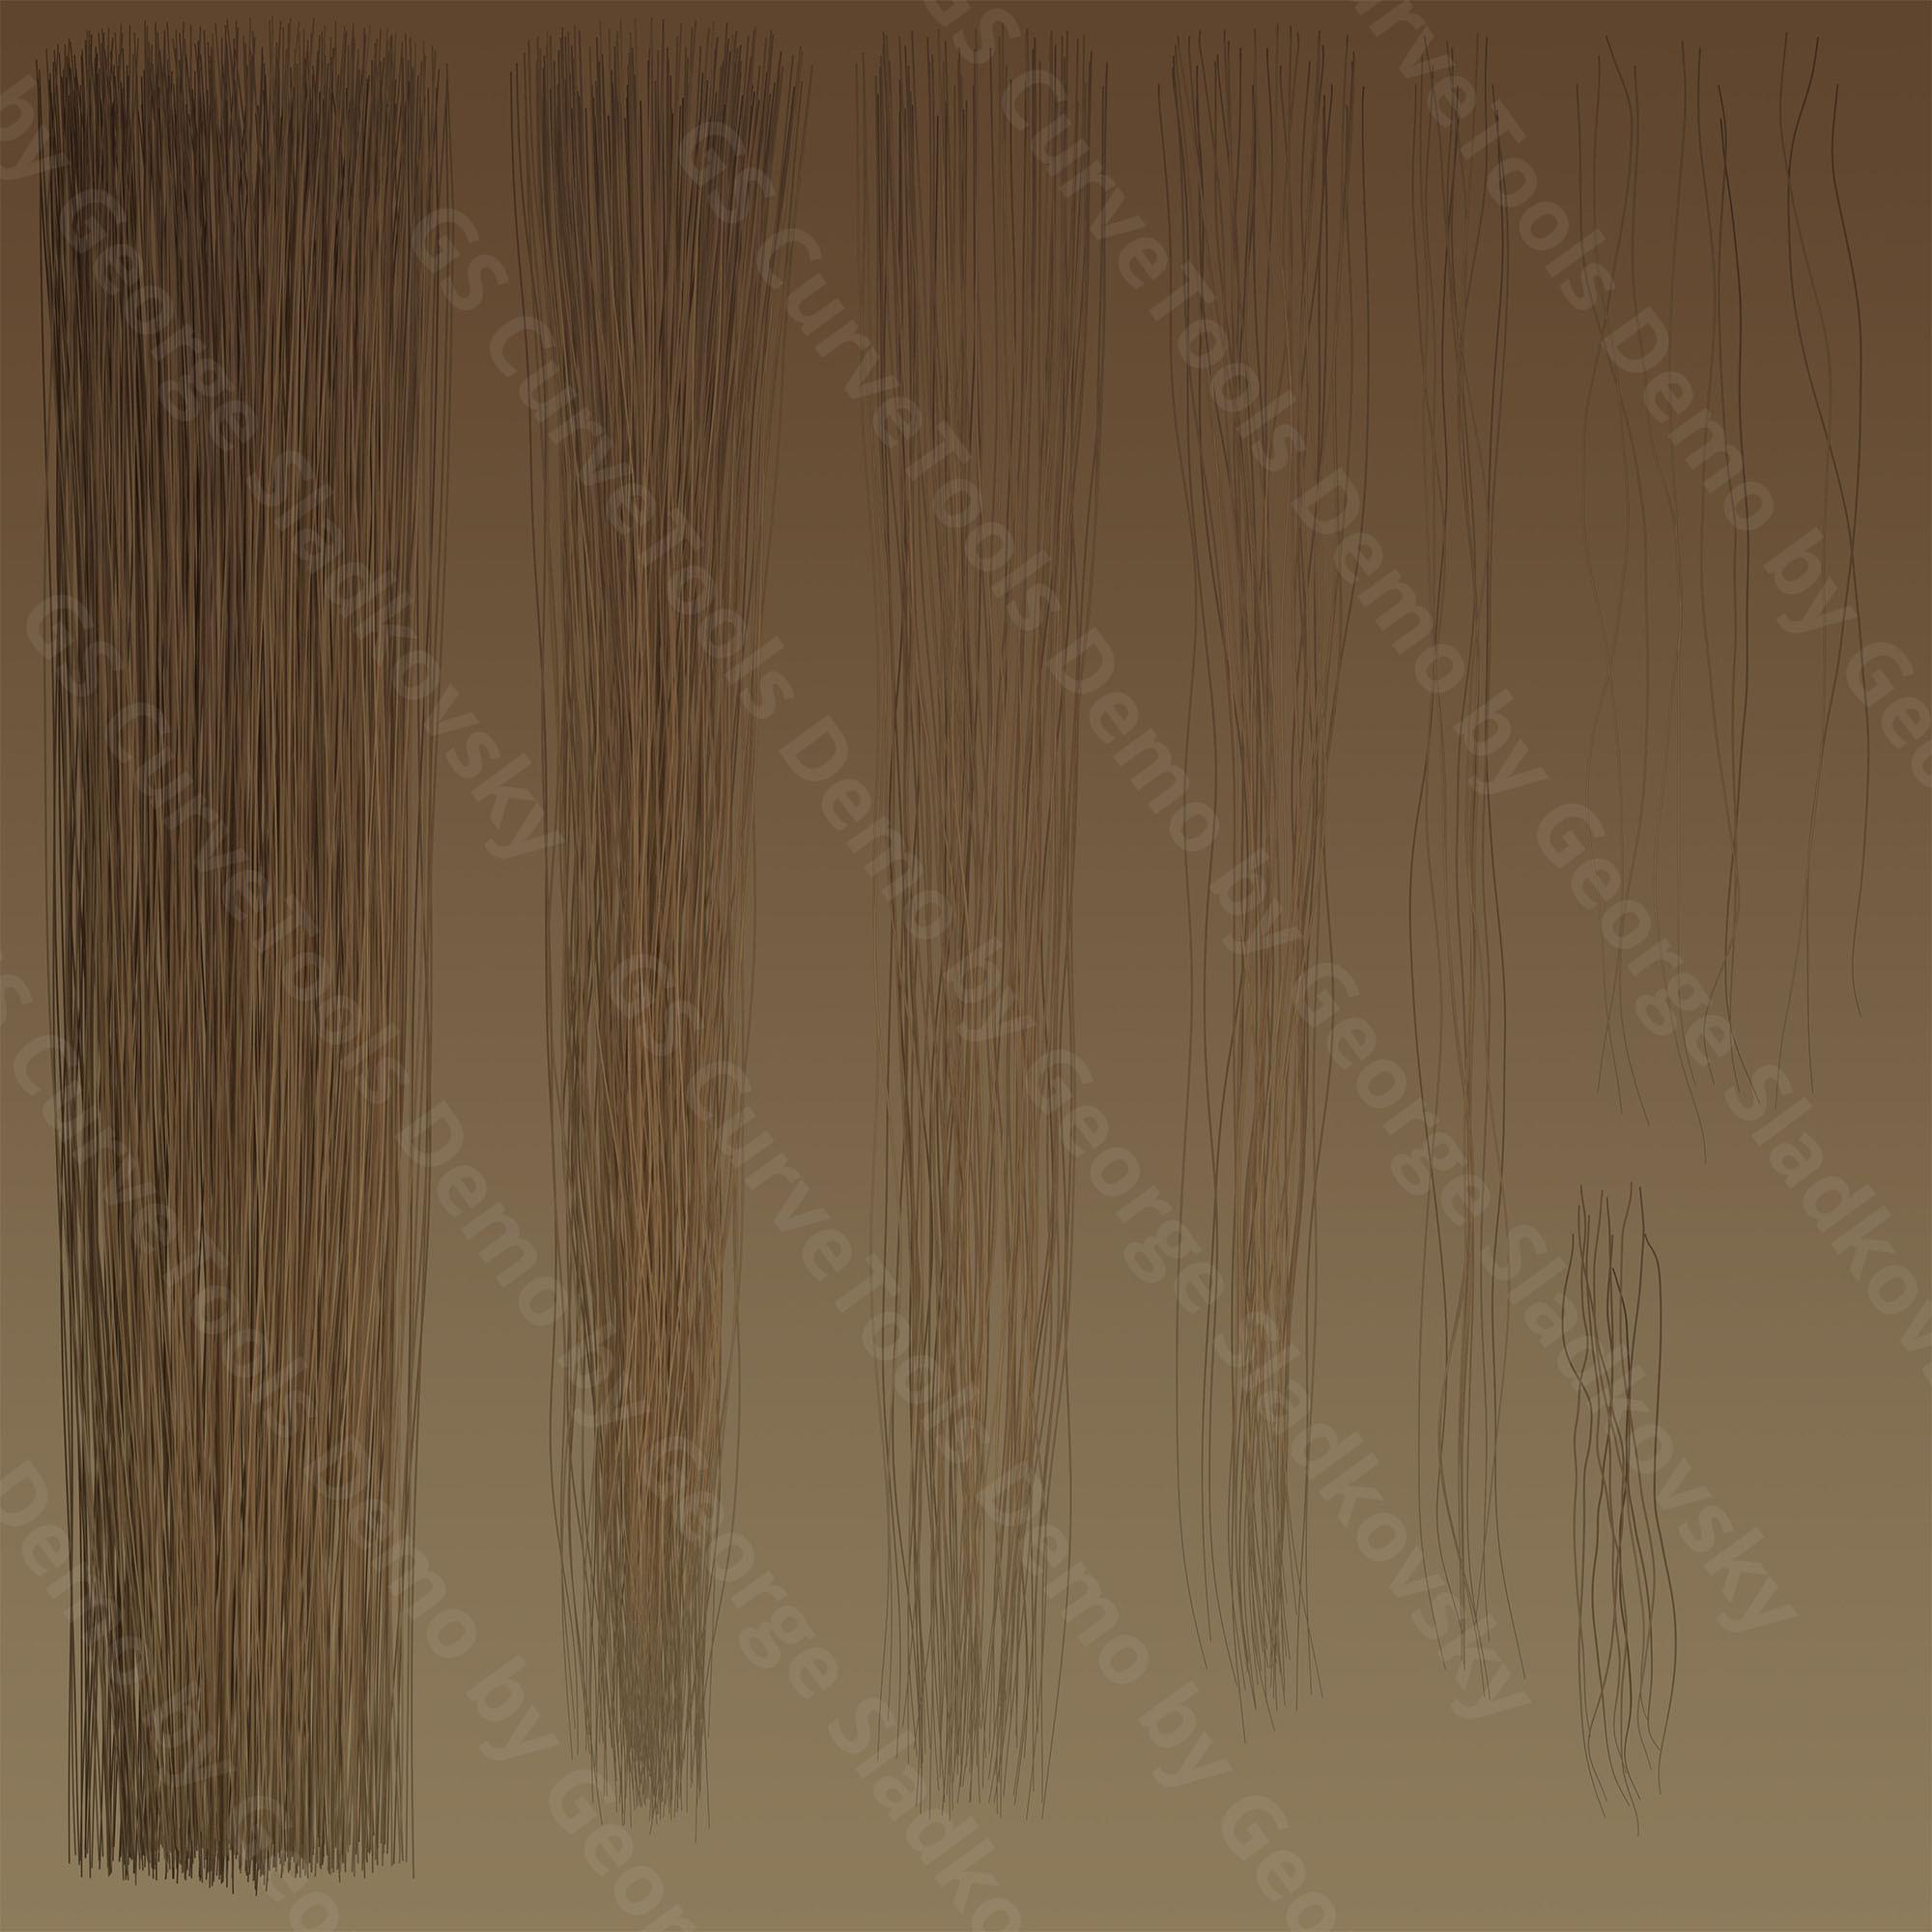 Albedo Texture Example